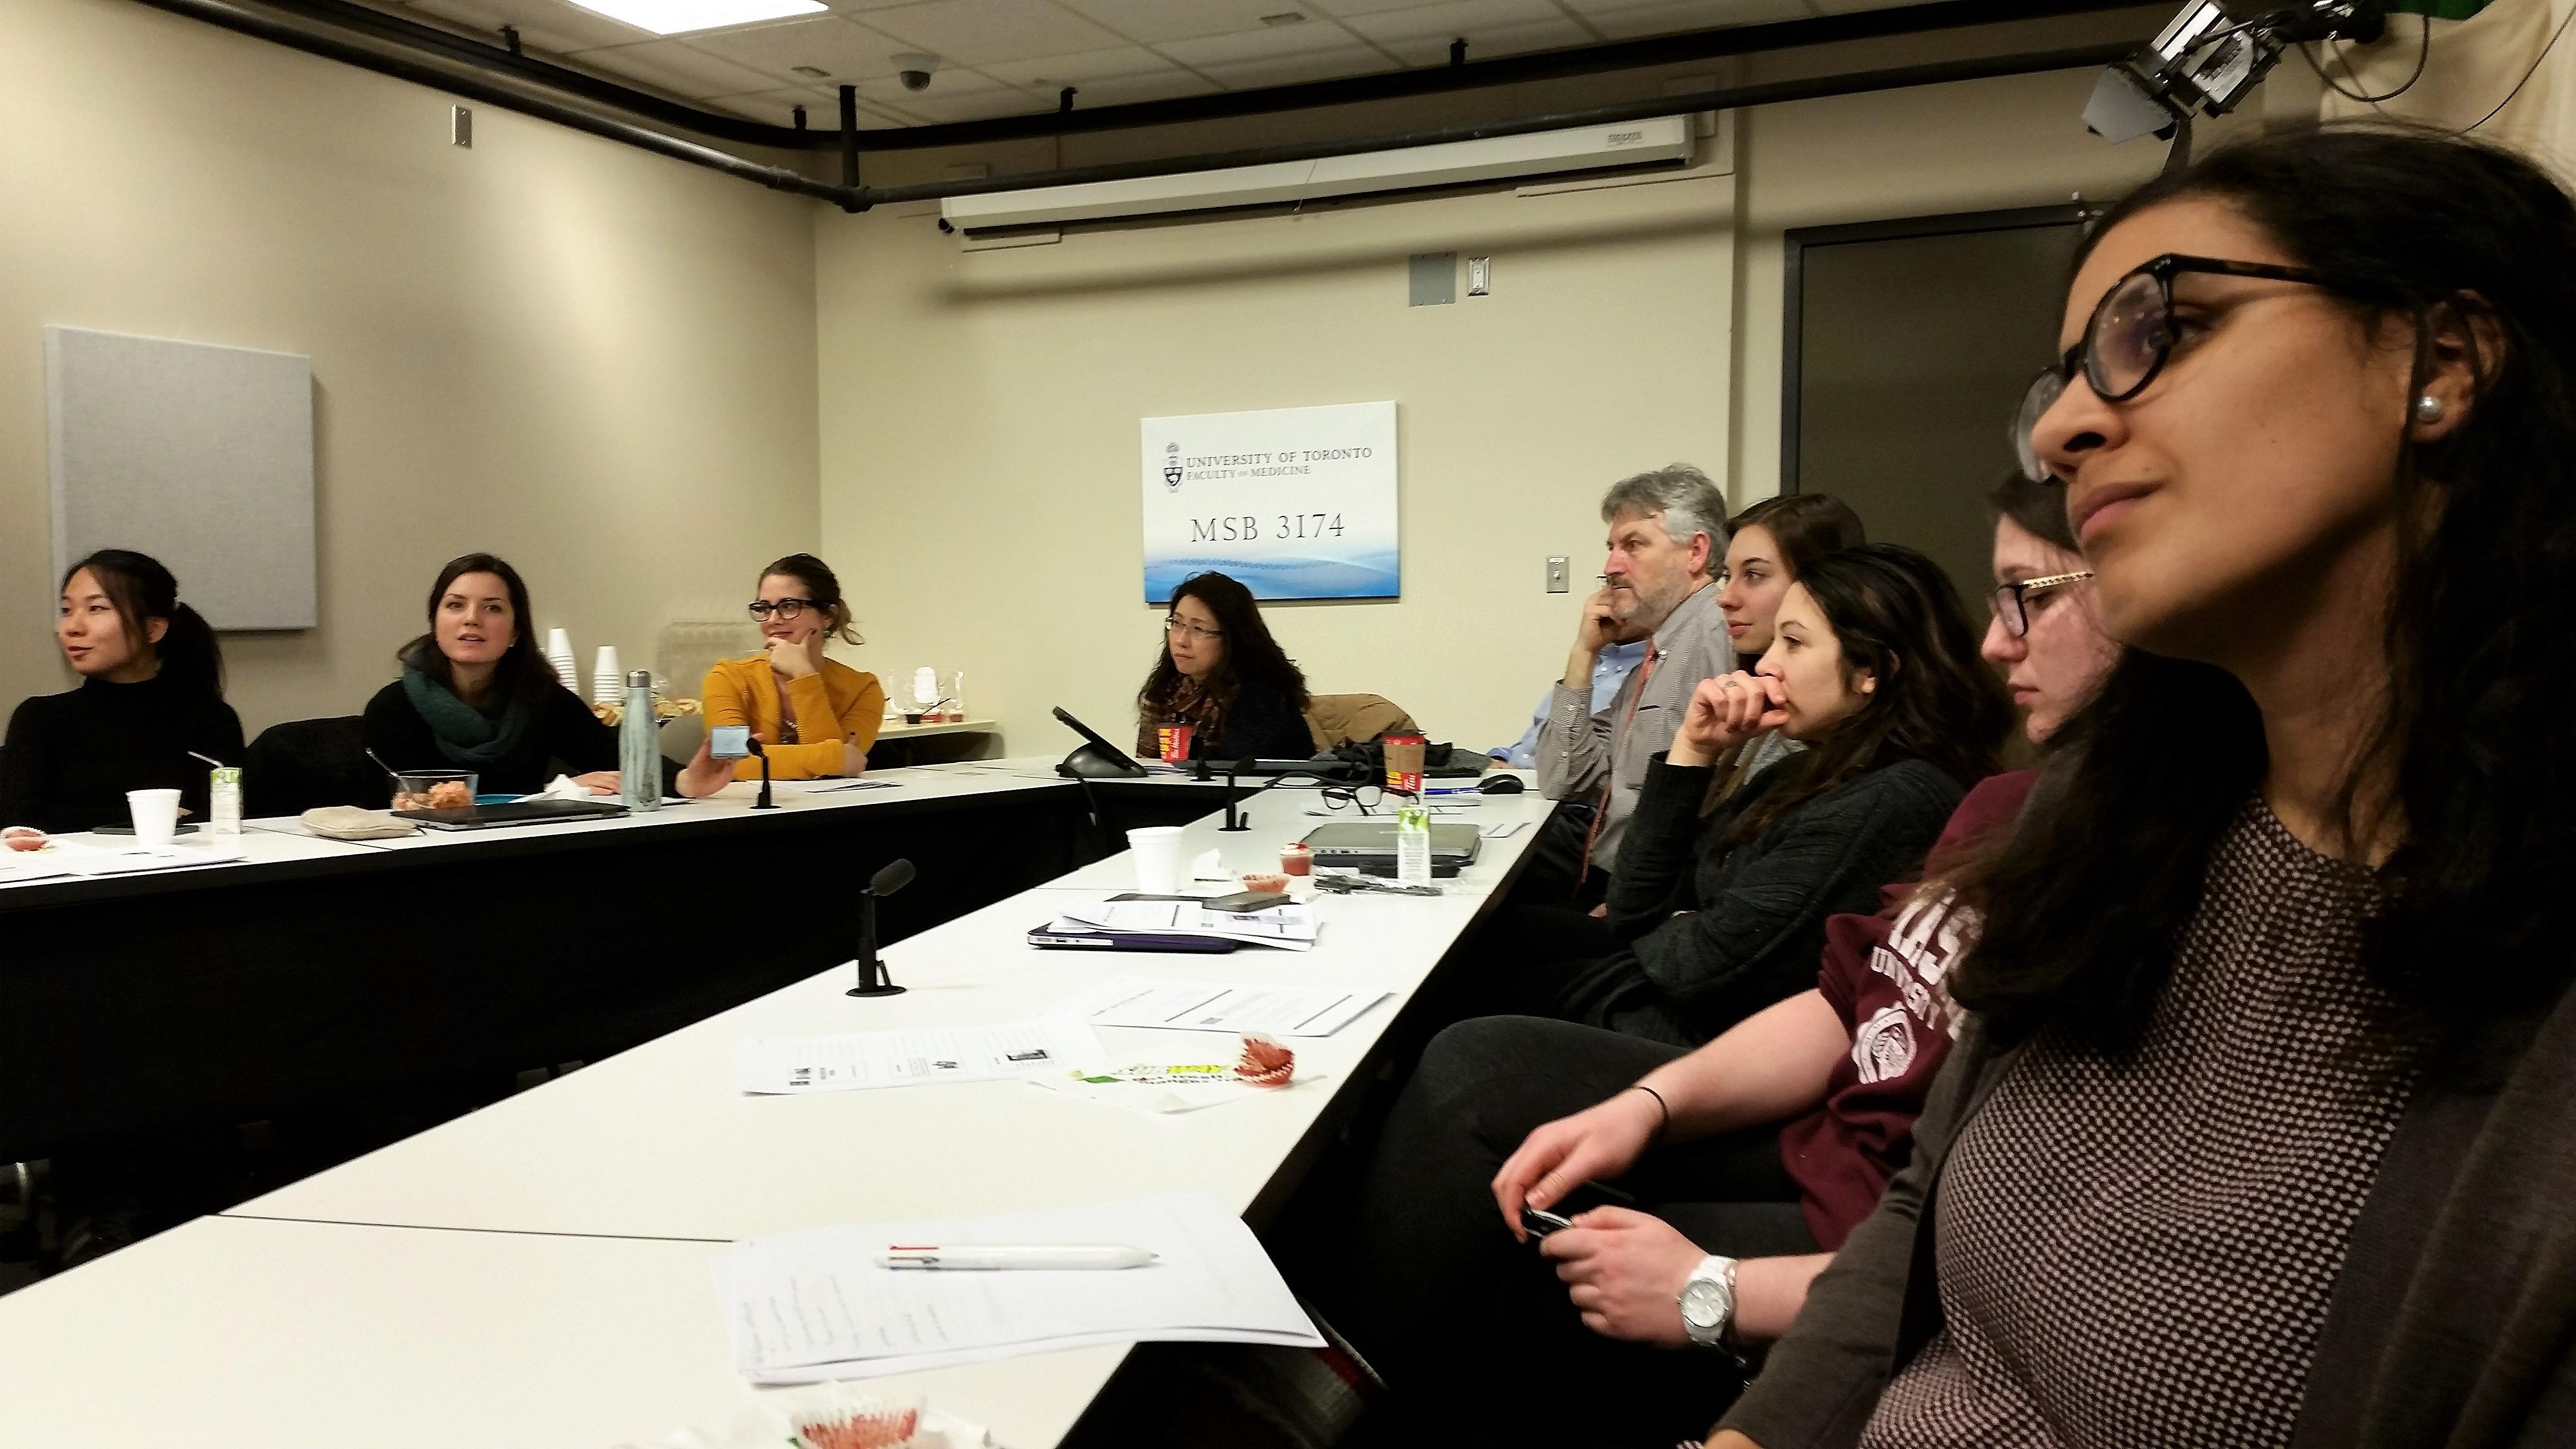 Info-session sur les services communautaires en français et l'offre active pour les étudiants bilingues de la faculté de médecine de l'Université de Toronto, Février 2016